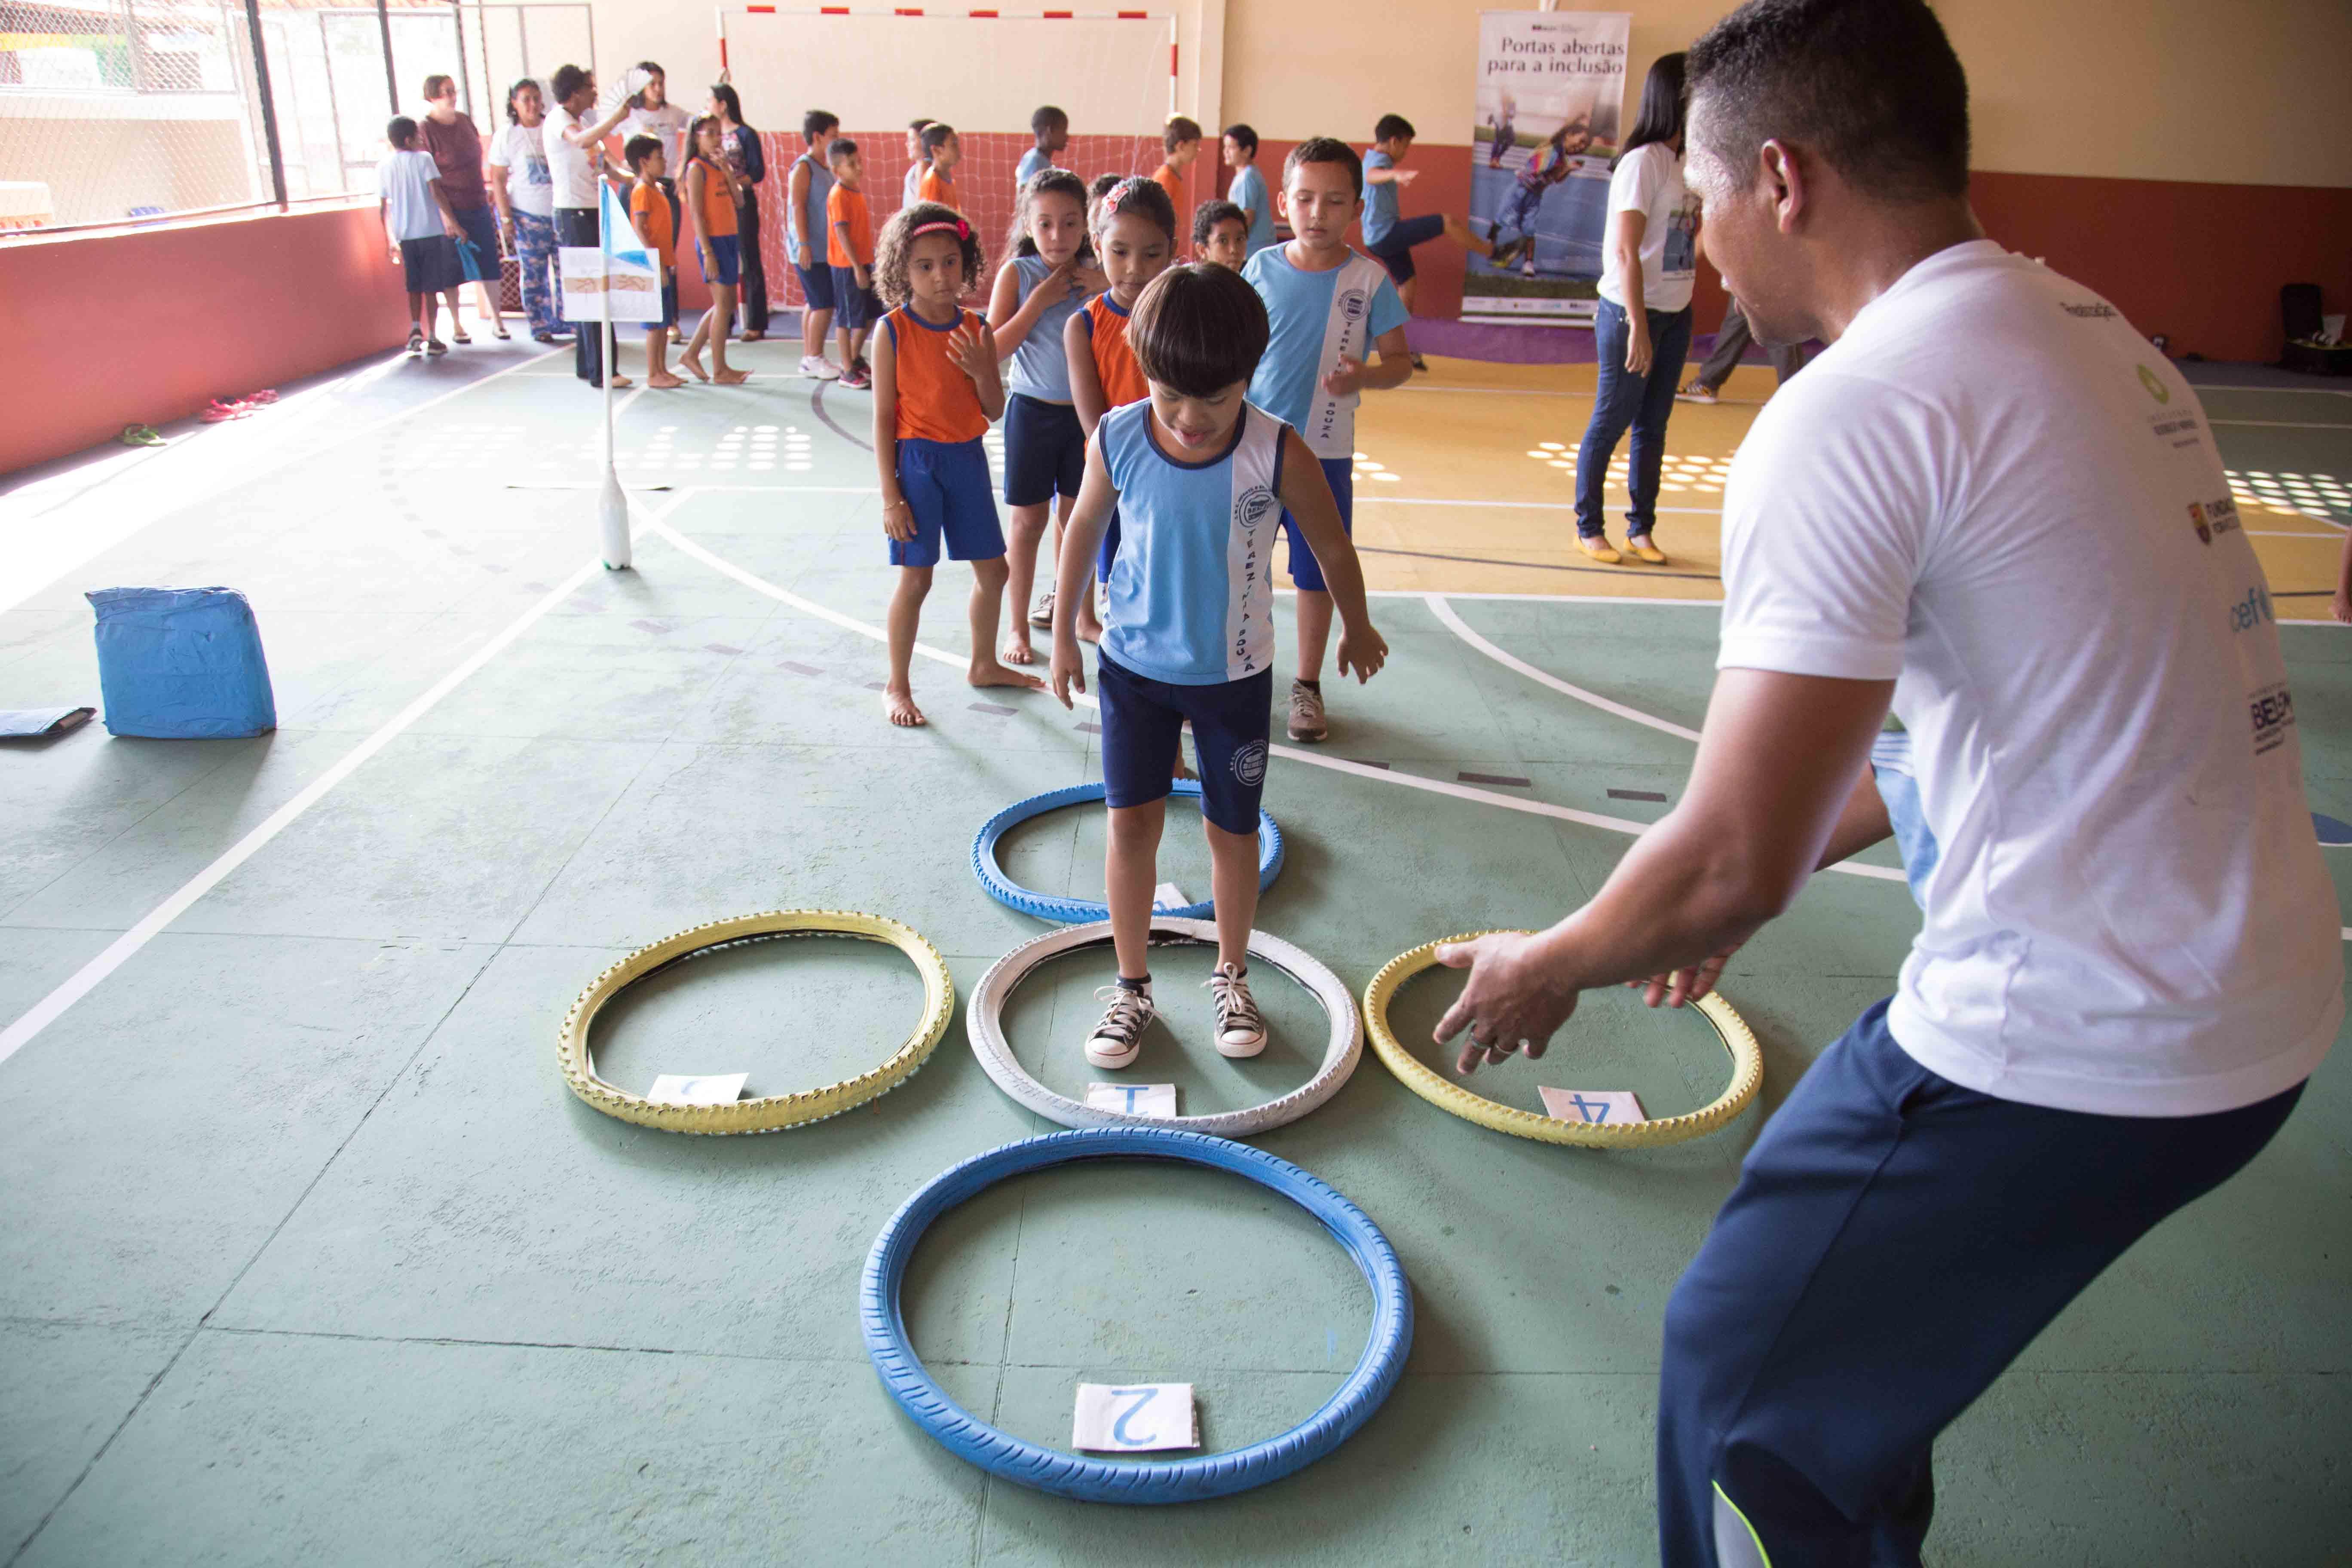 Quadra de esportes com os materiais que são usados durante o circuito de miniatletismo.